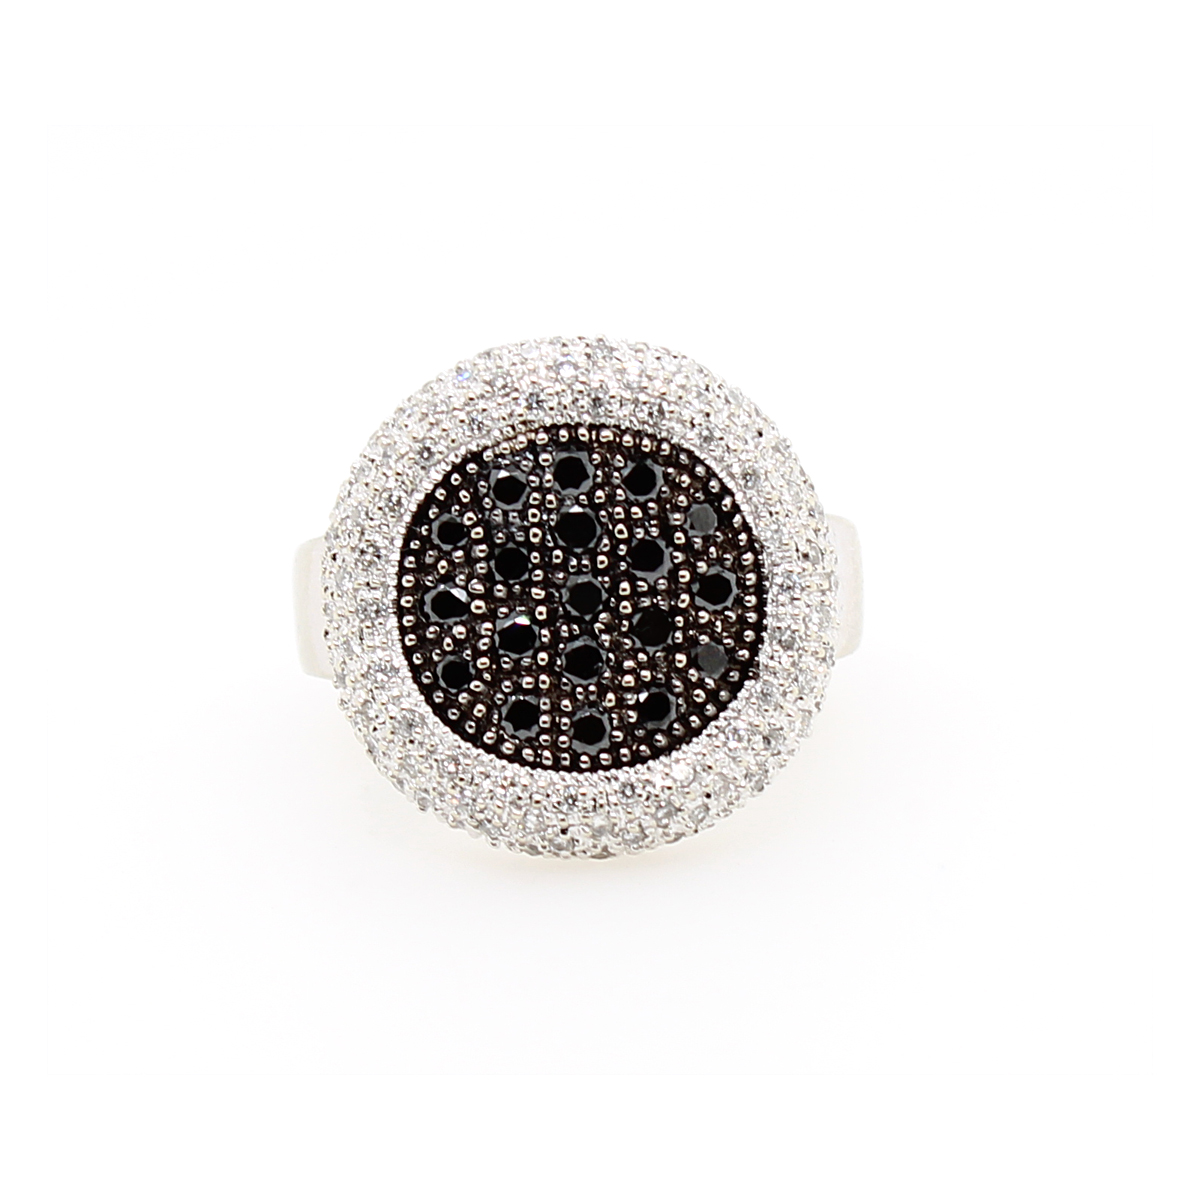 Vintage 14 Karat White Gold Black and White Diamond Pave Ring